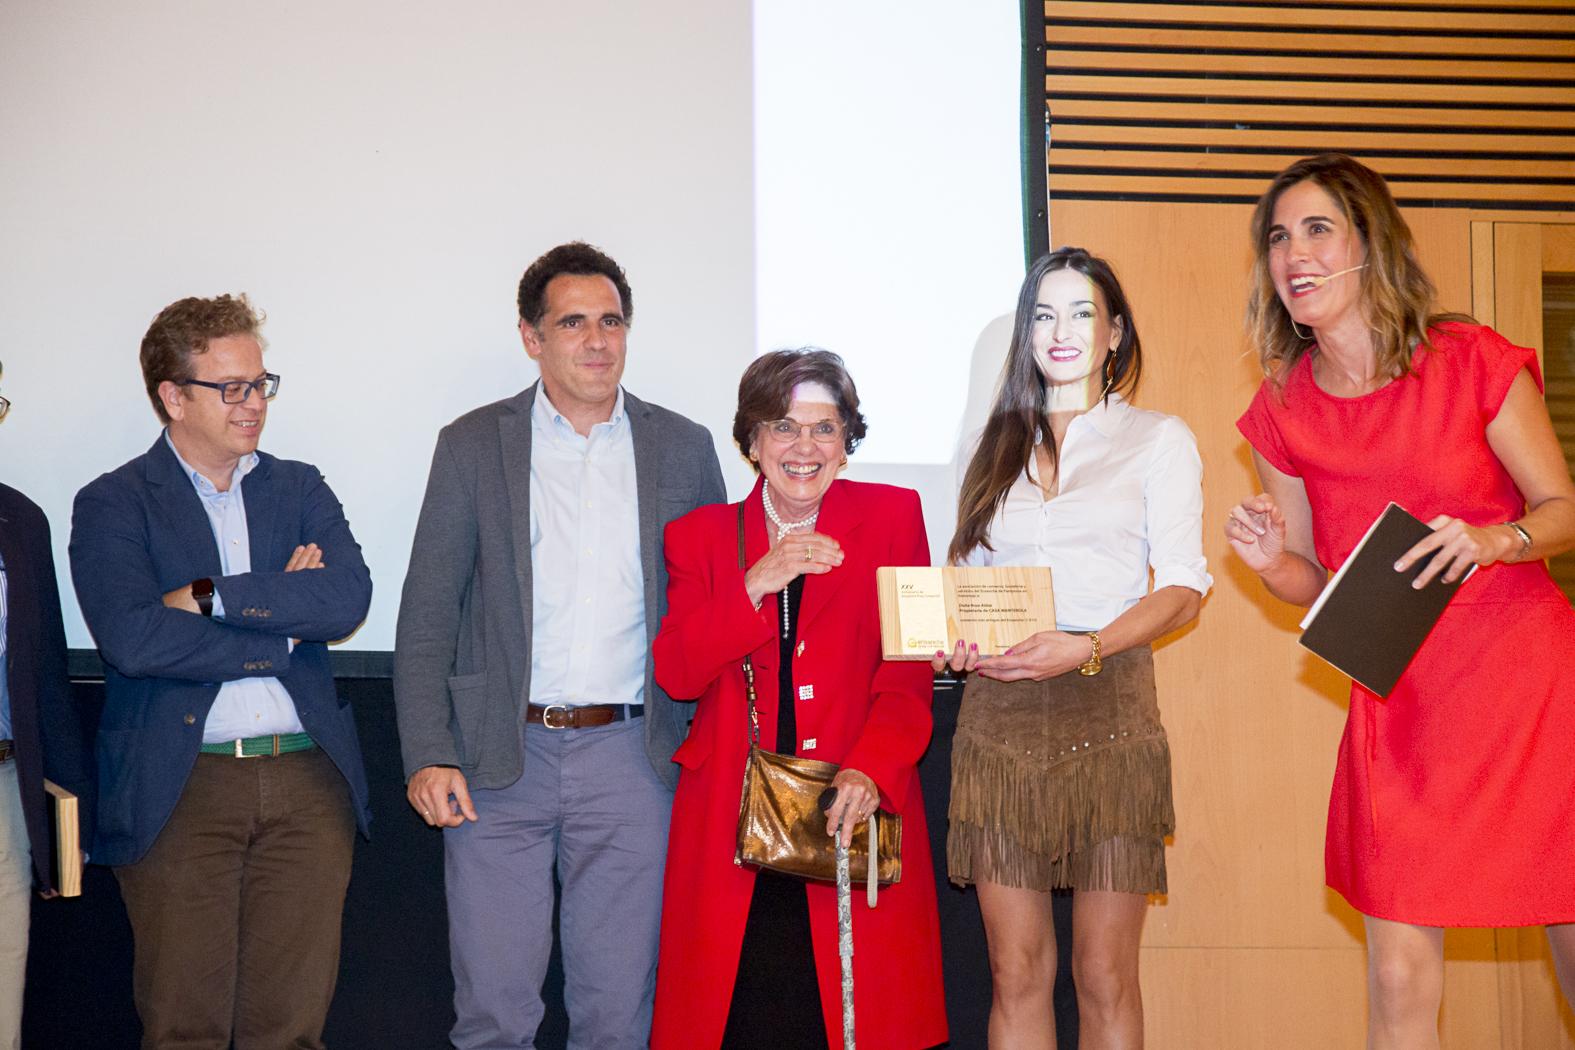 Rosa Aldaz junto a su hijo Mikel Manterola, recibe el reconocimiento de manos de Araceli Rodríguez, presidente de la Asociación desde 2014 hasta la actualidad.